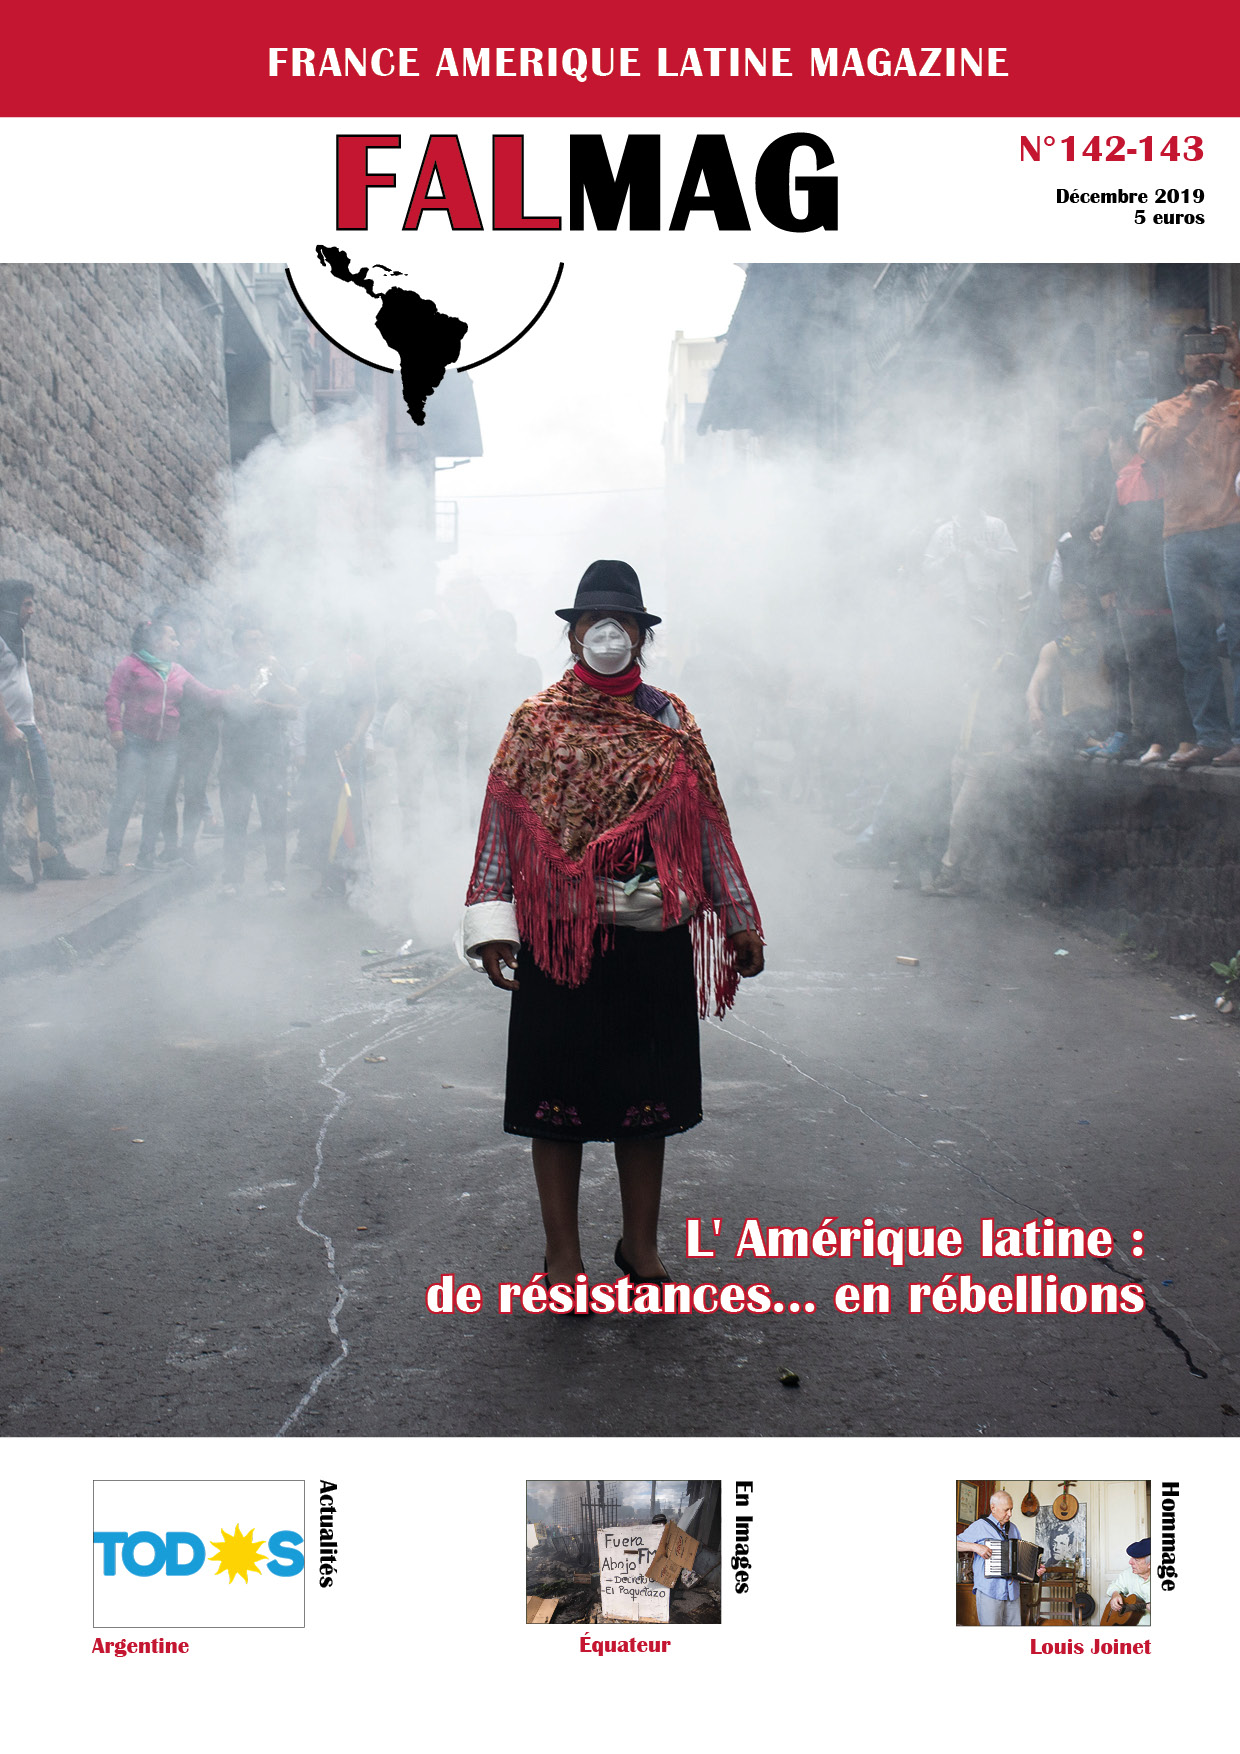 L'Amérique latine : de résistences... en rébellions